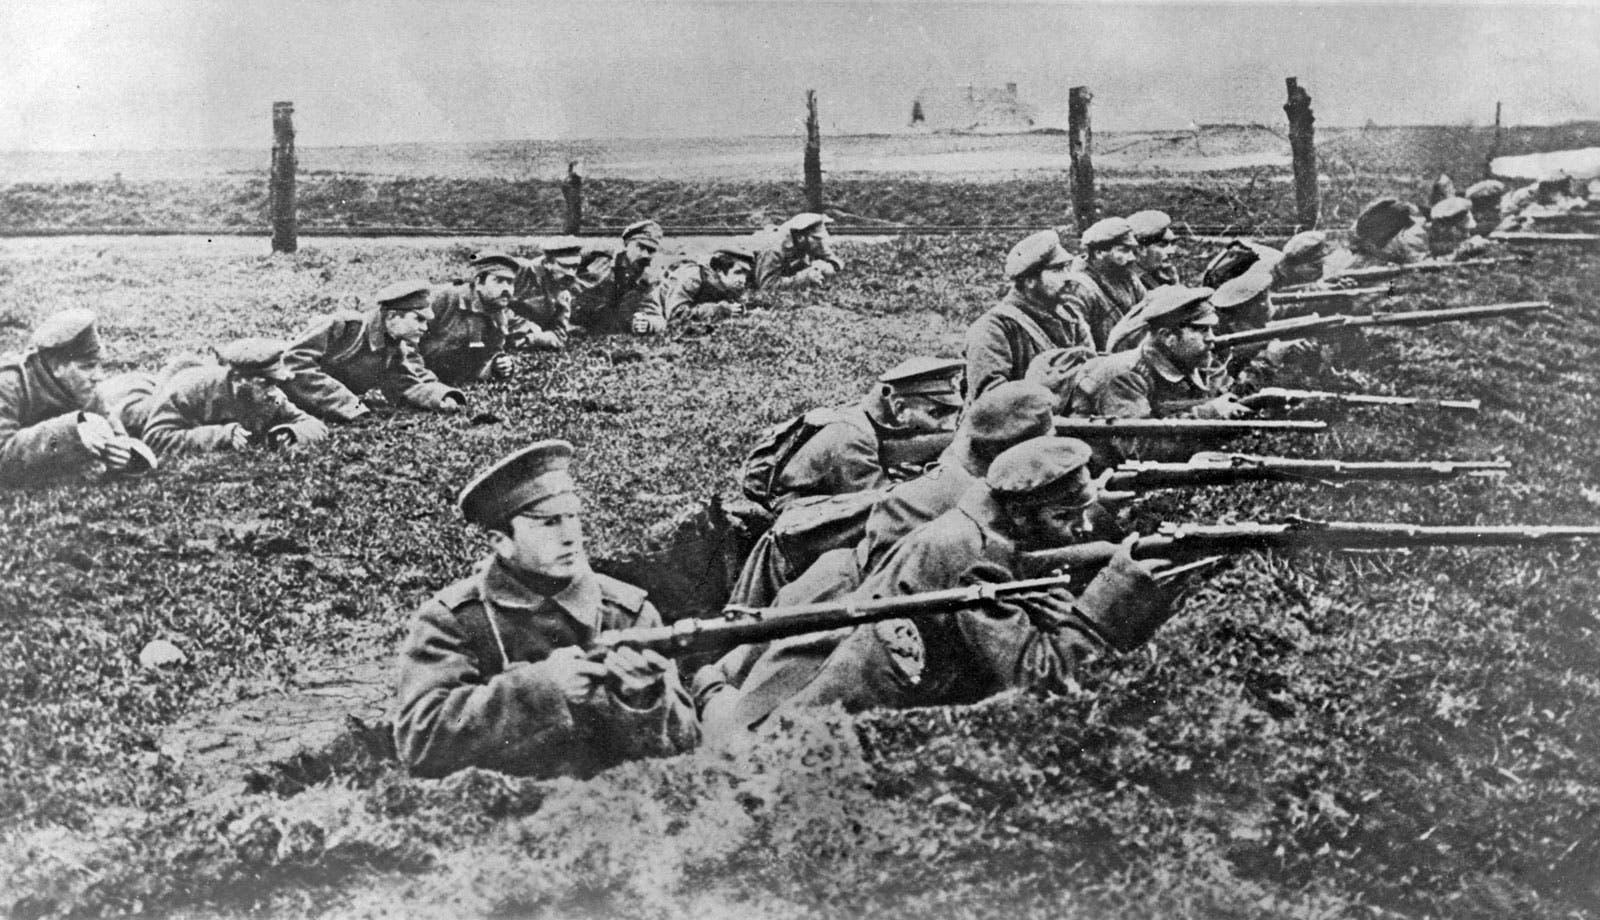 جانب من القوات الروسية المشاركة بالحرب العالمية الأولى